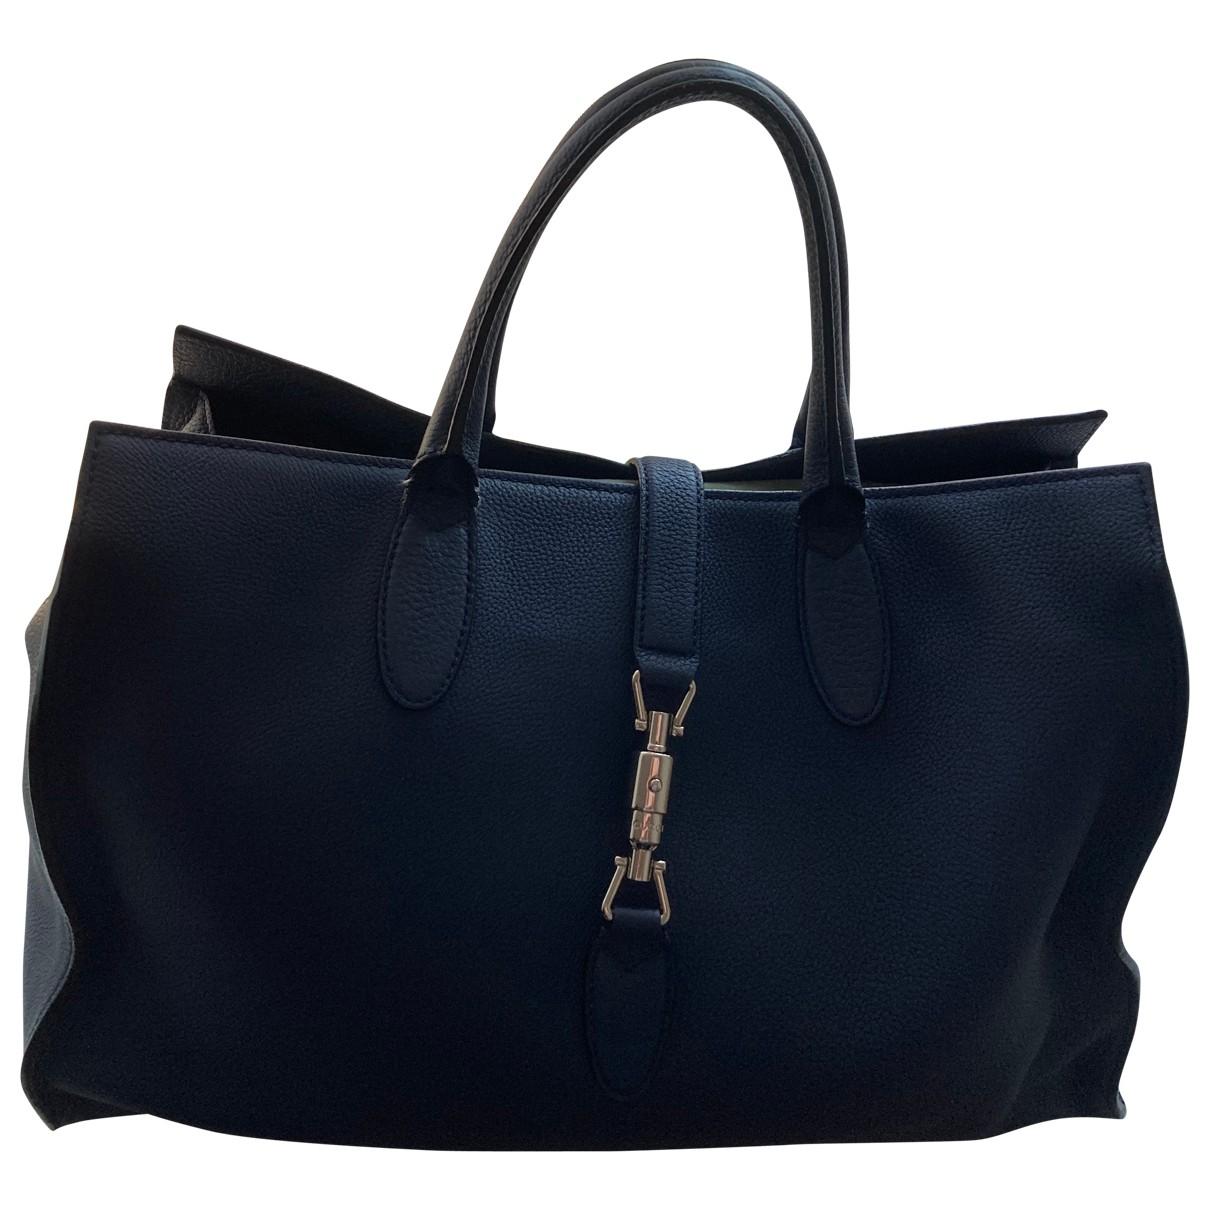 Gucci \N Blue Leather handbag for Women \N